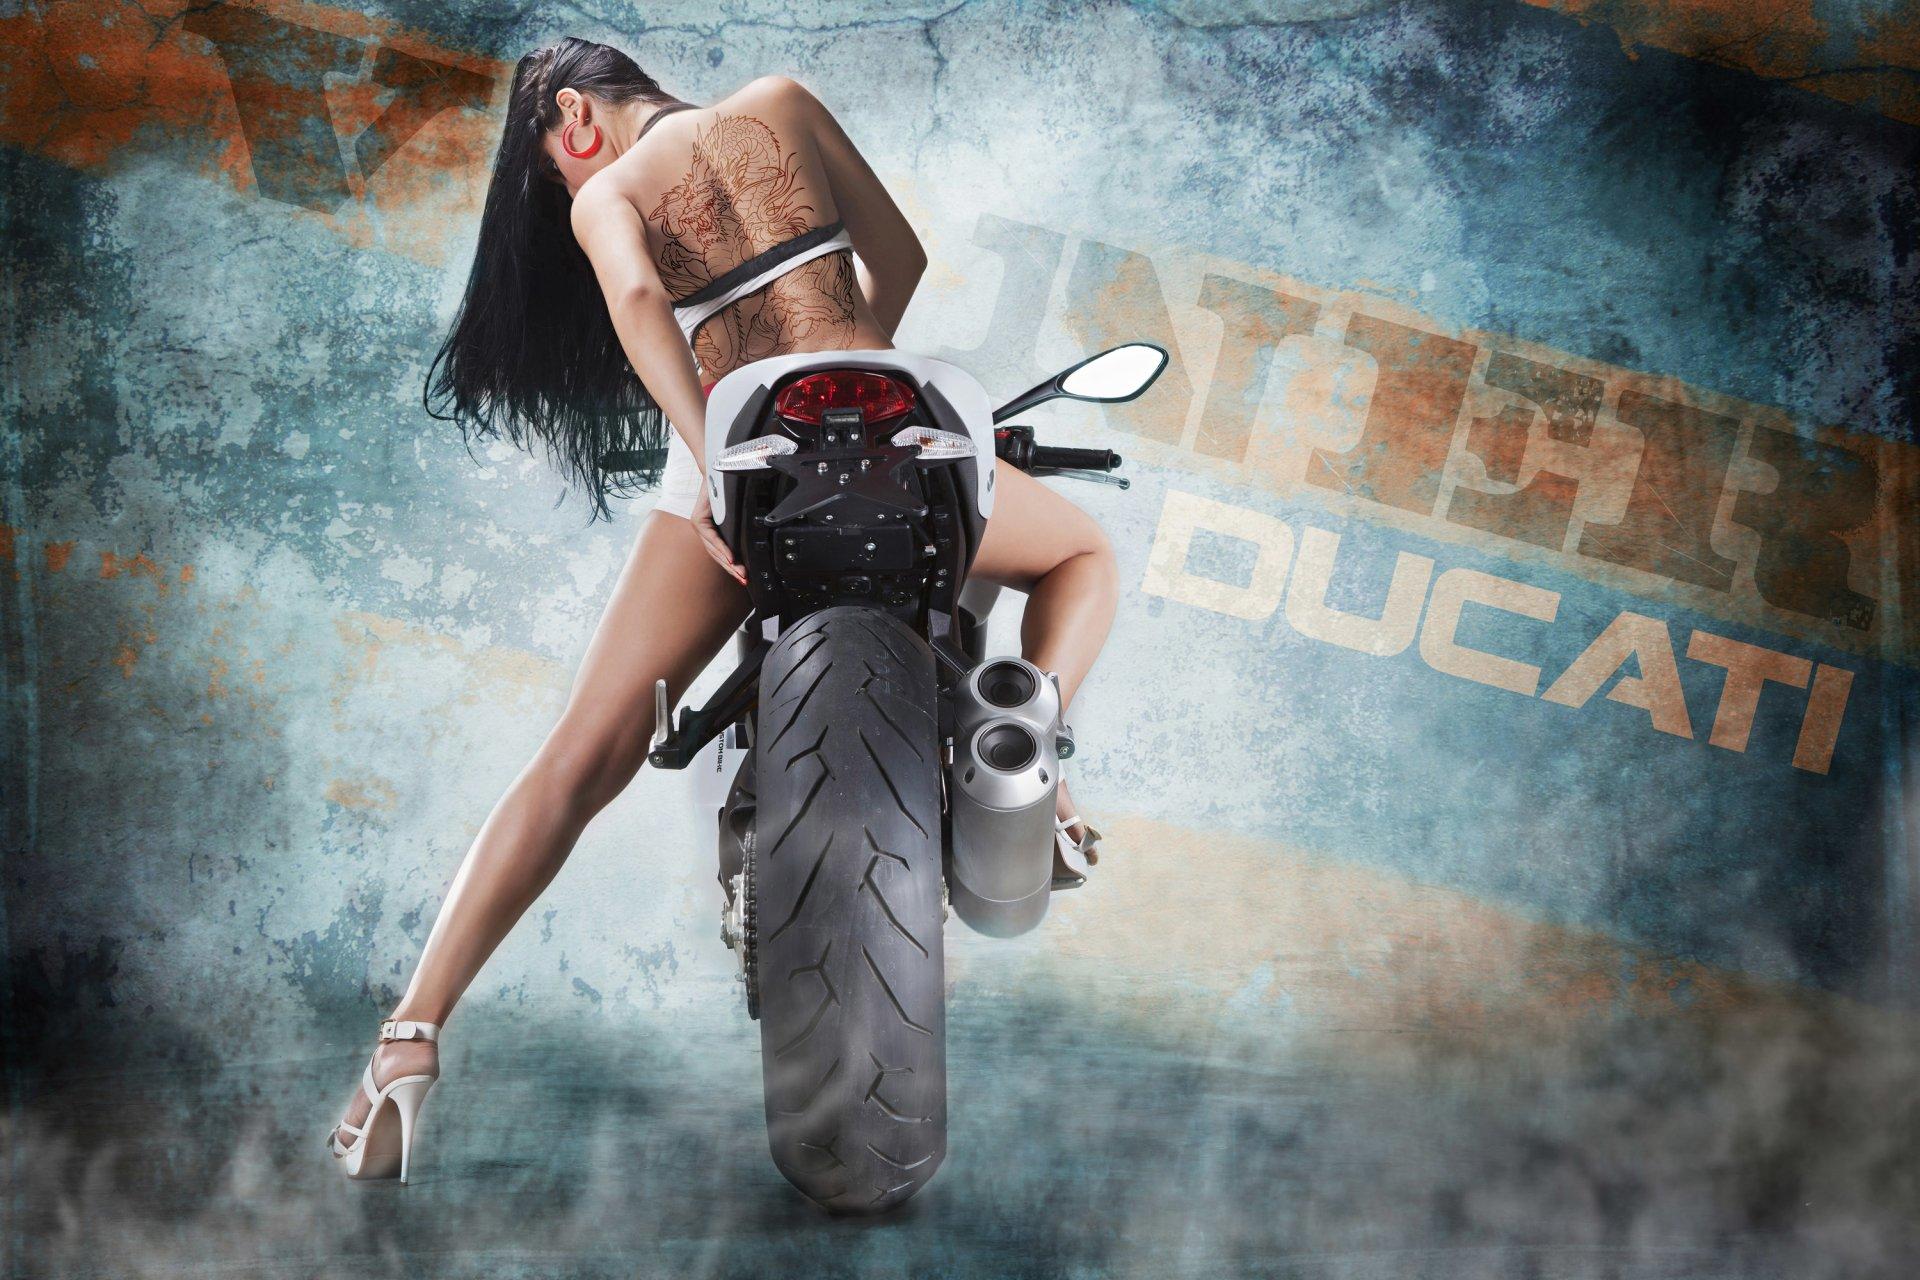 座驾 - Ducati Monster 1100 Evo Bulgari  摩托车 壁纸